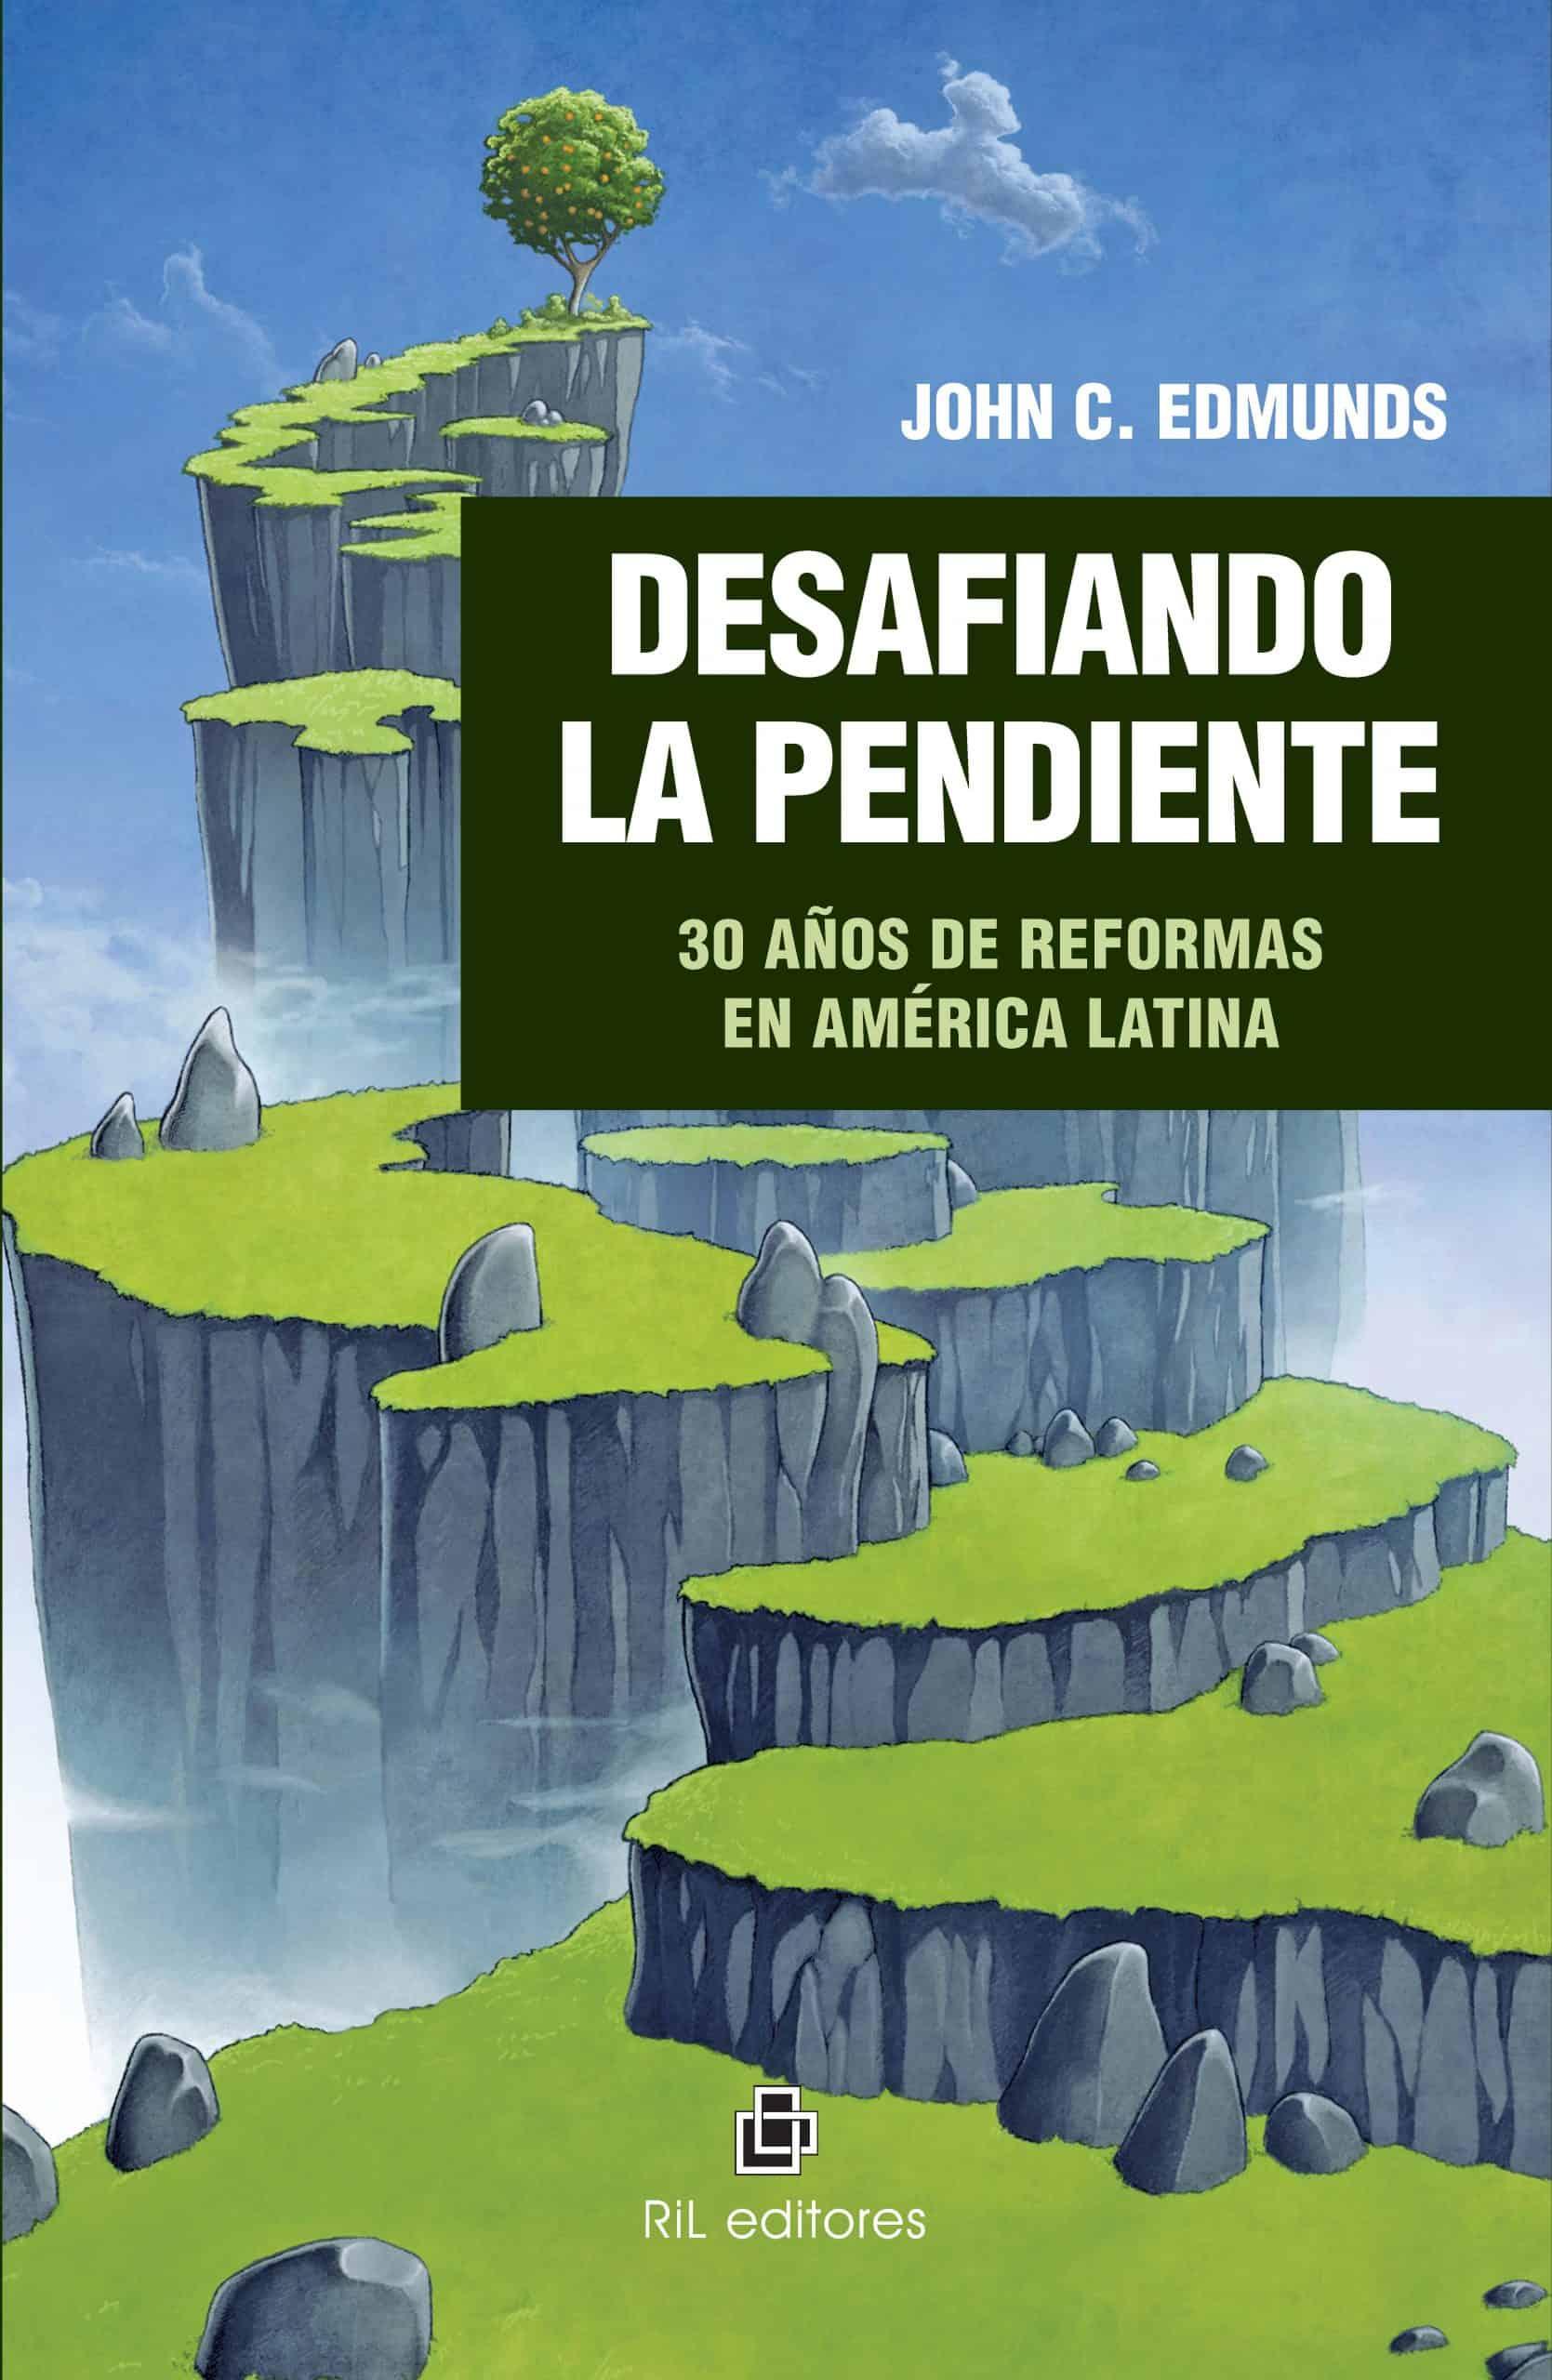 Desafiando la pendiente: 30 años de reformas en América Latina 1